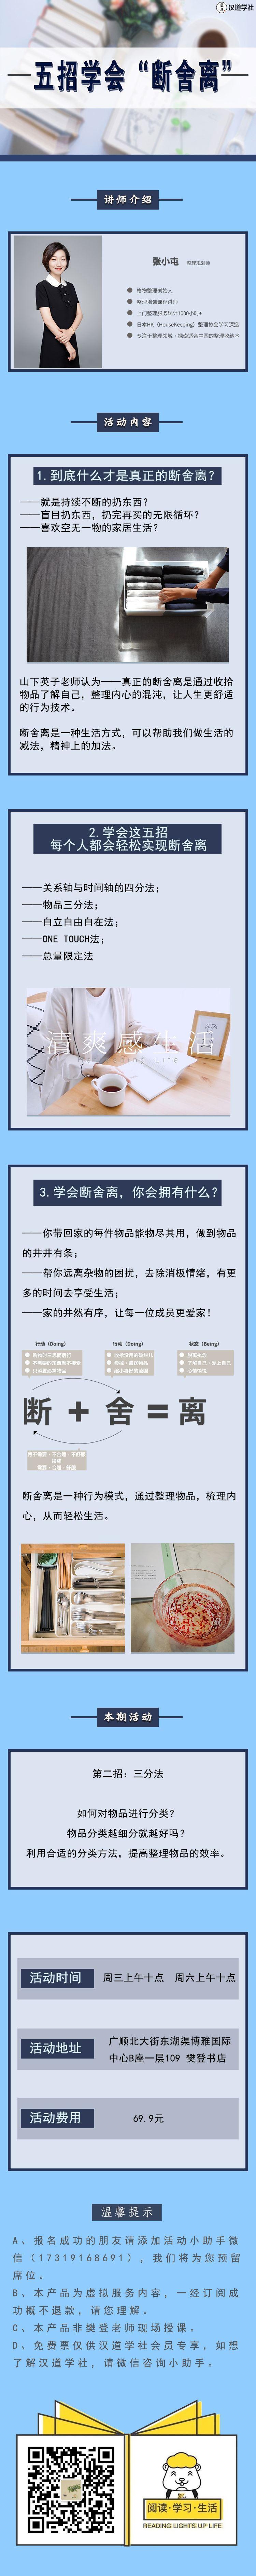 第二招长图【汉道X】.jpg